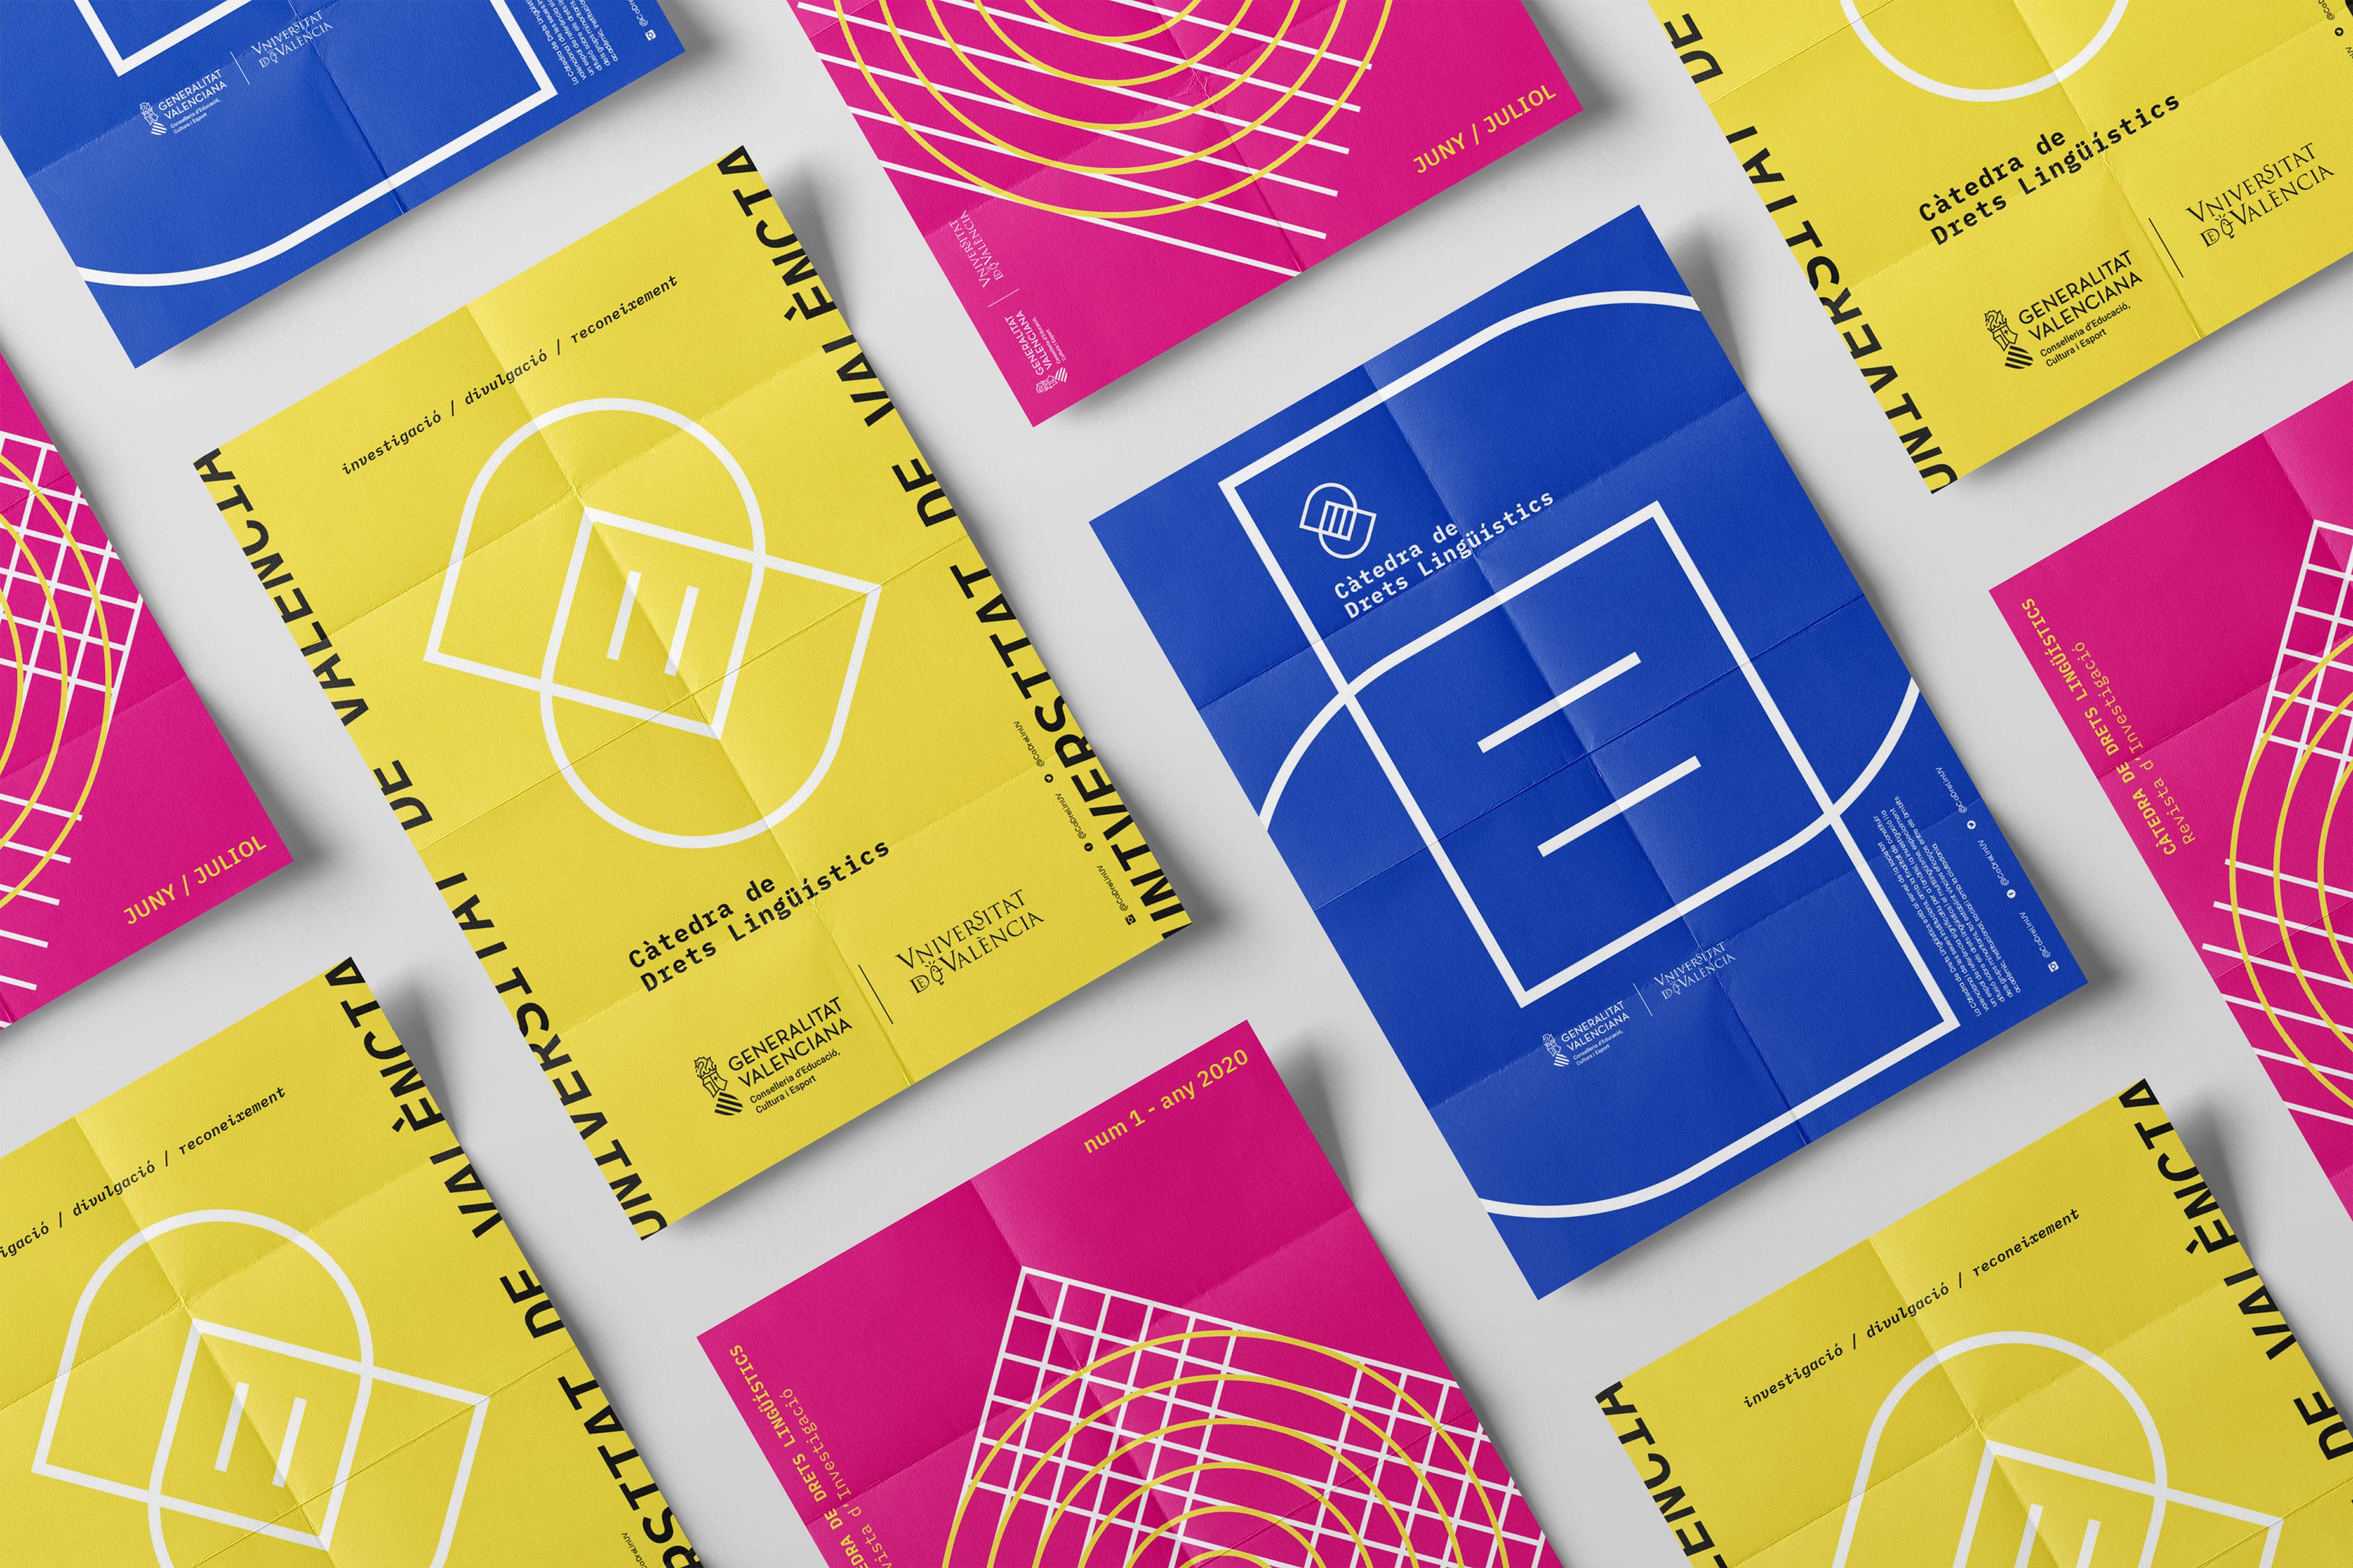 Càtedra de Drets Lingüístics by Locandia Estudio - Creative Work